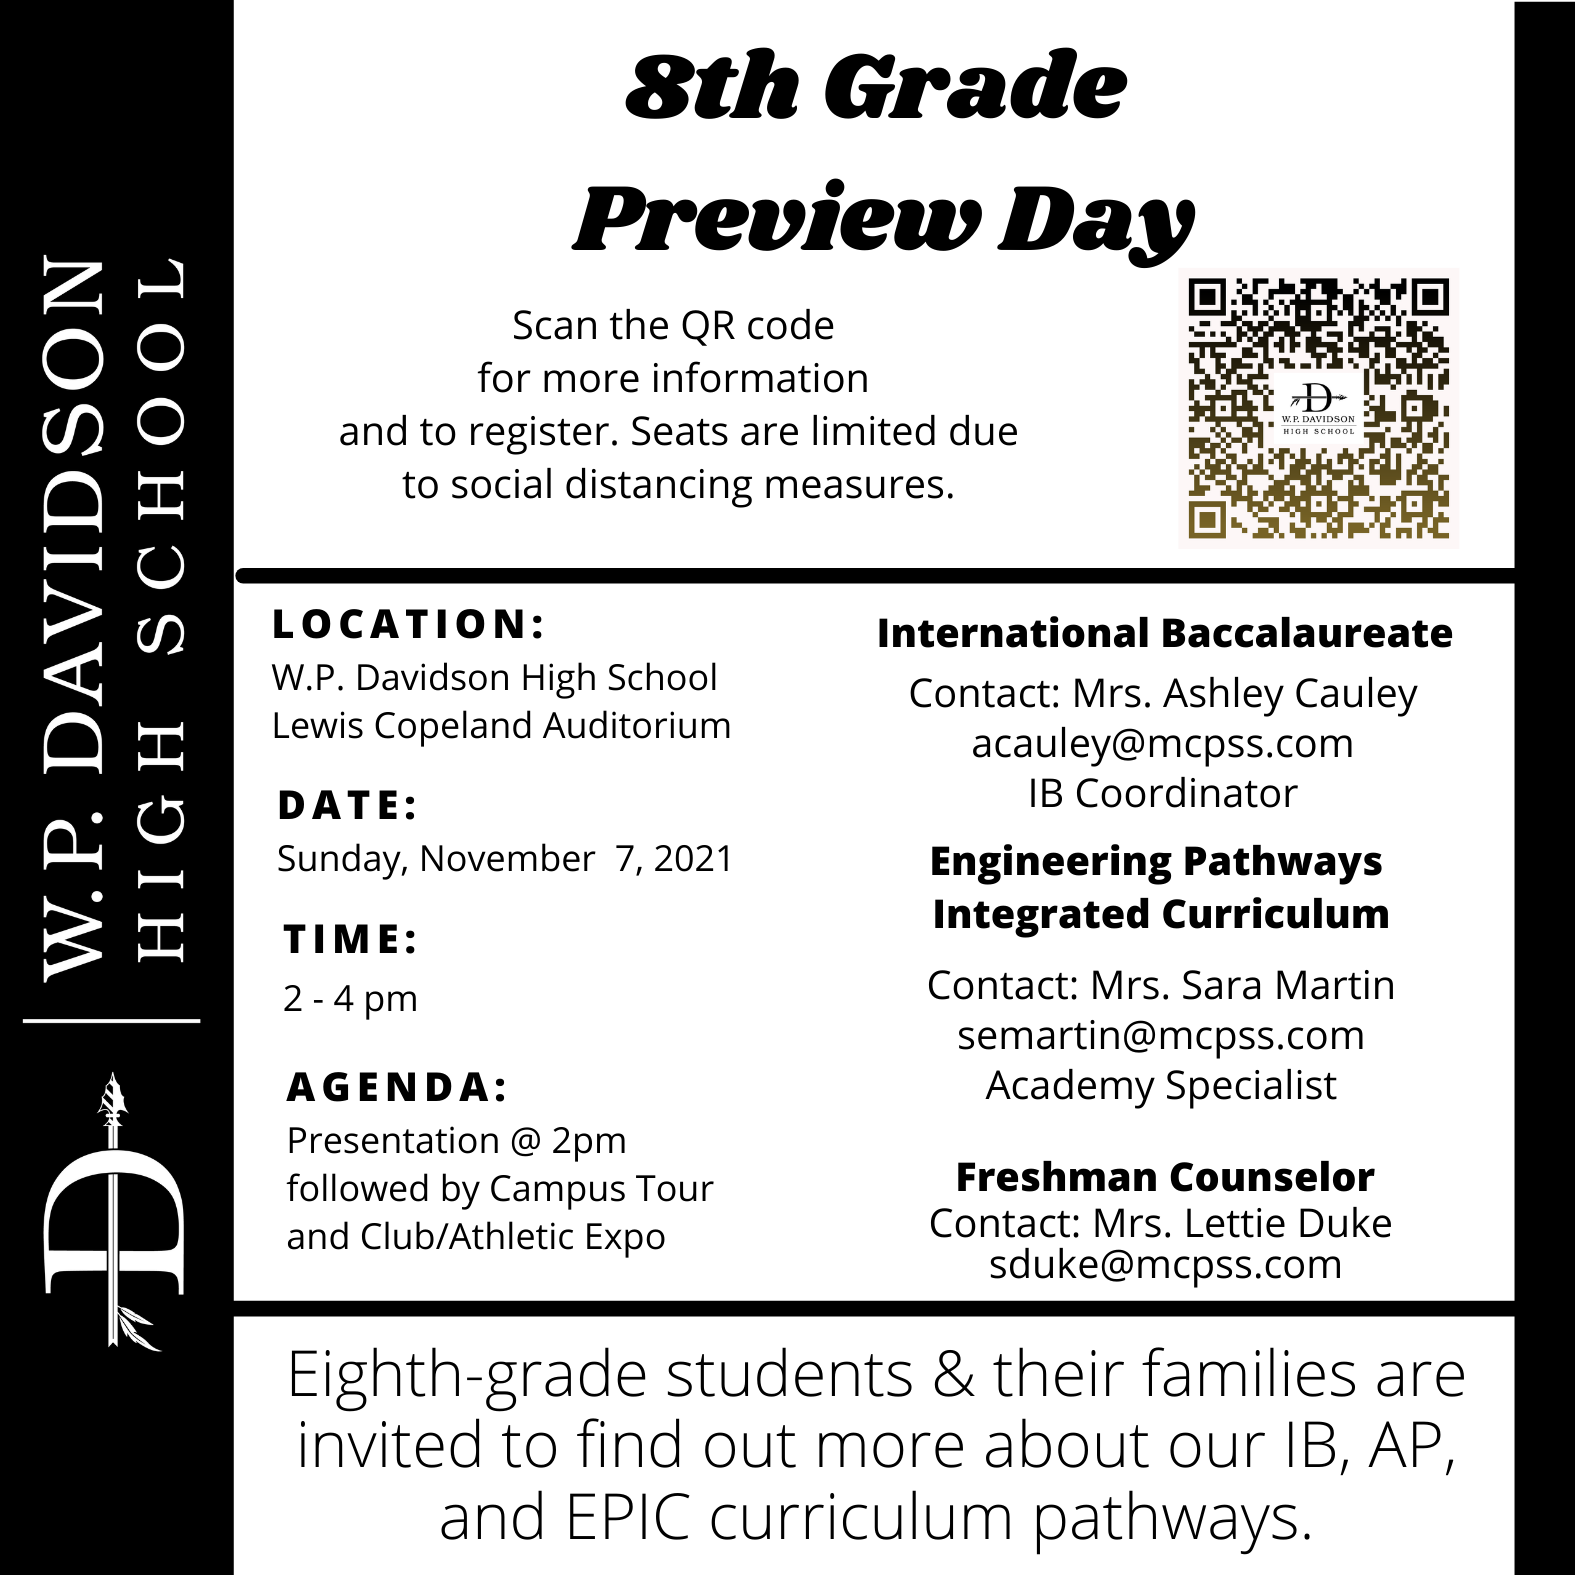 8th Grade Preview Day Invitation